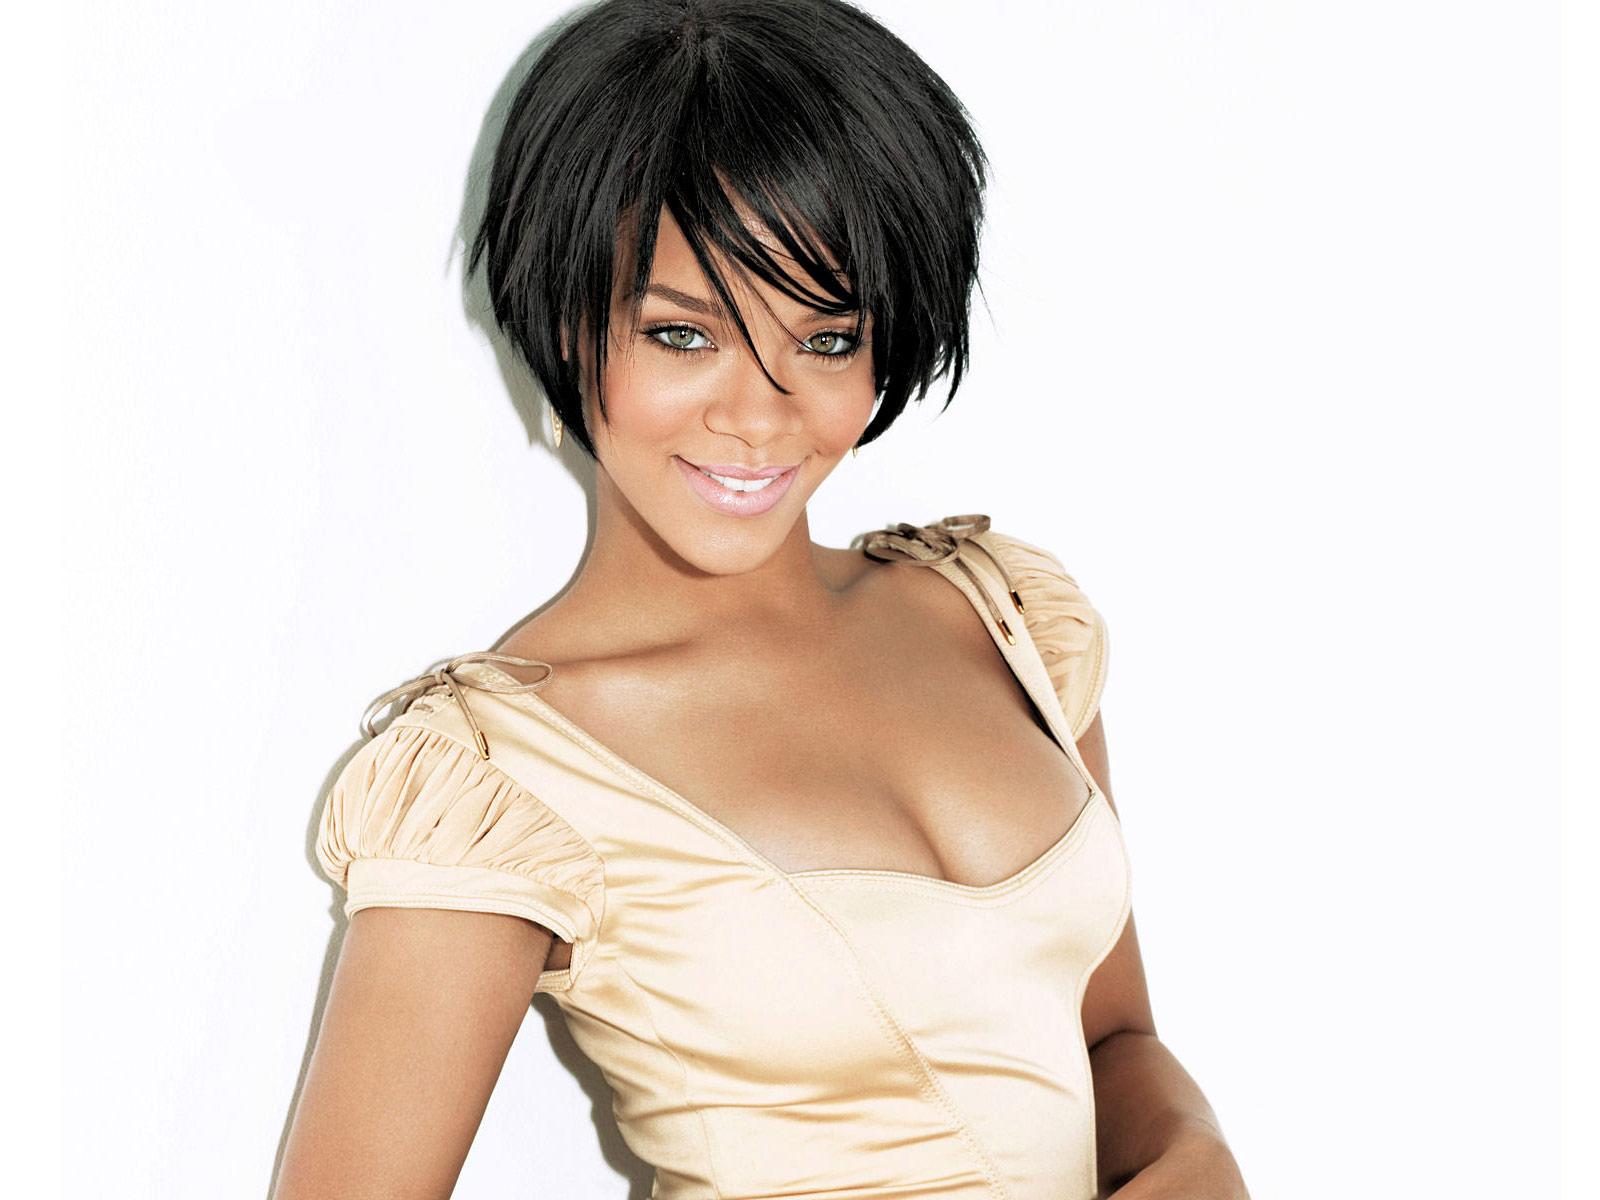 http://1.bp.blogspot.com/-reqK9Eu5z48/T1ZzUFKDsuI/AAAAAAAAE20/zBCSyp4V9os/s1600/Rihanna_-_A_Girl_Like_Me.jpg